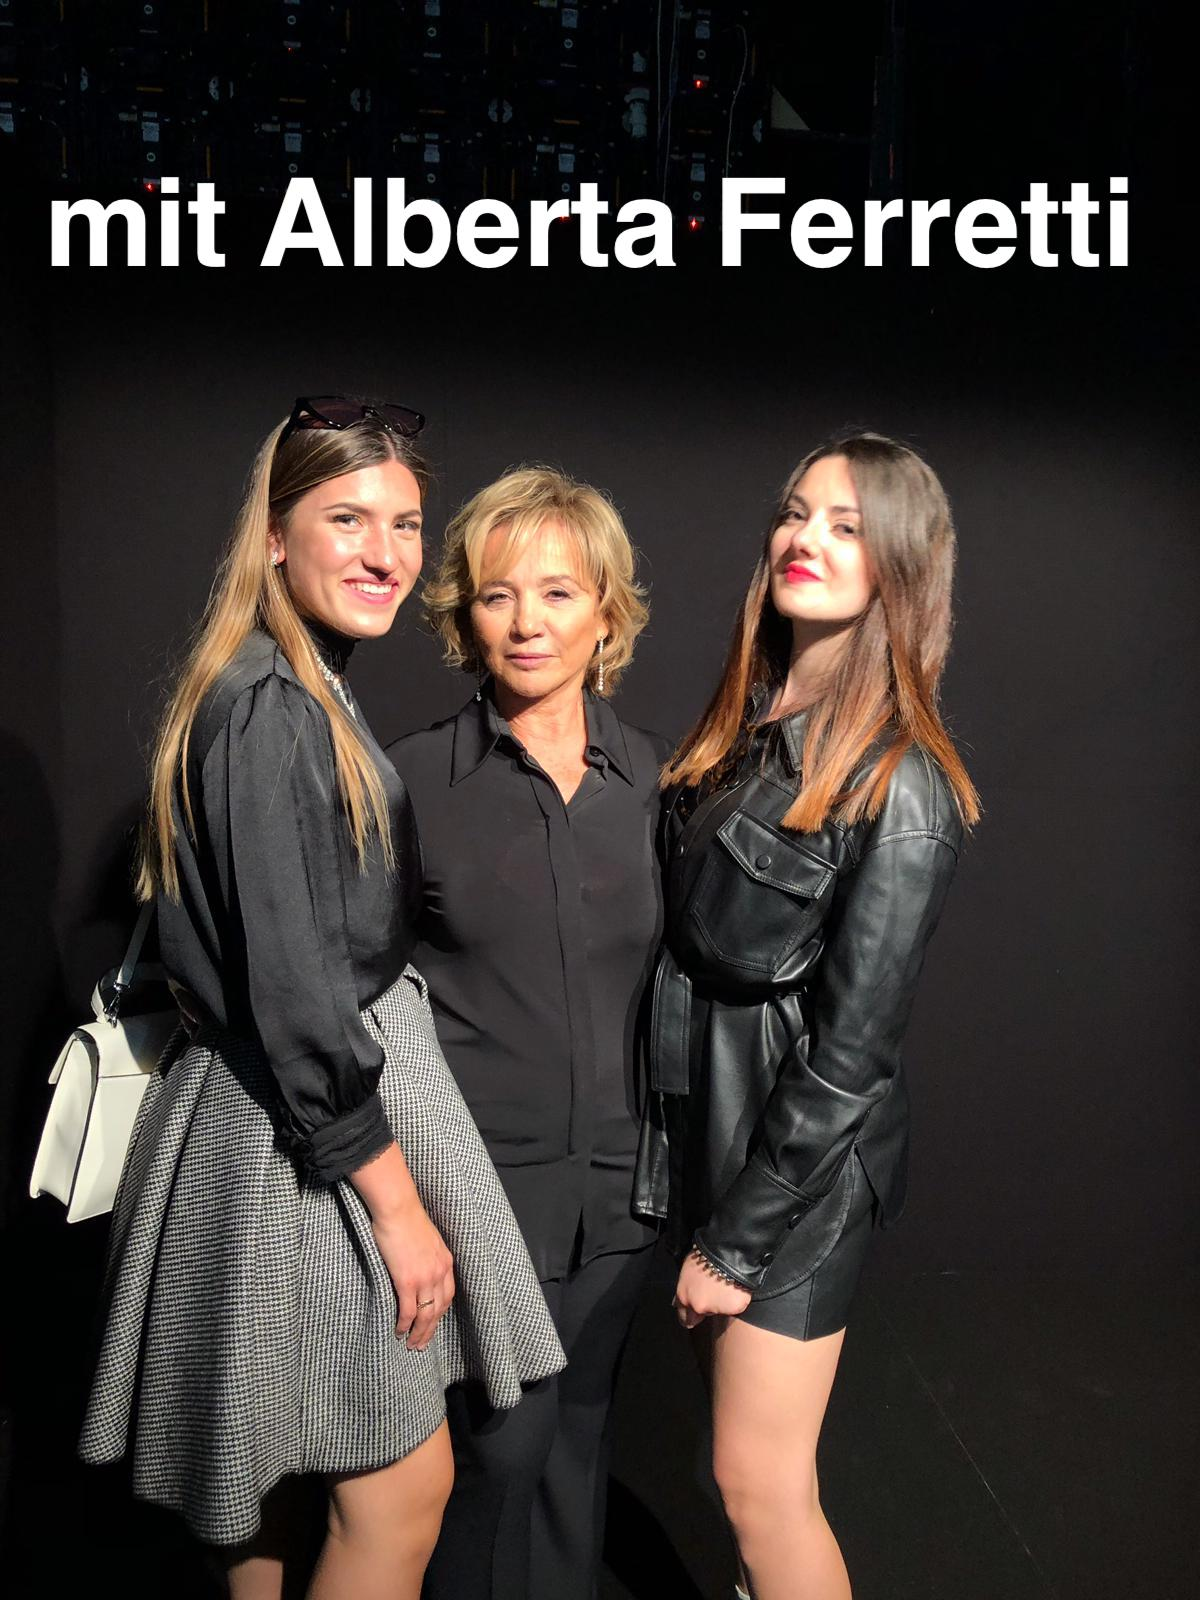 mit Alberta Ferretti